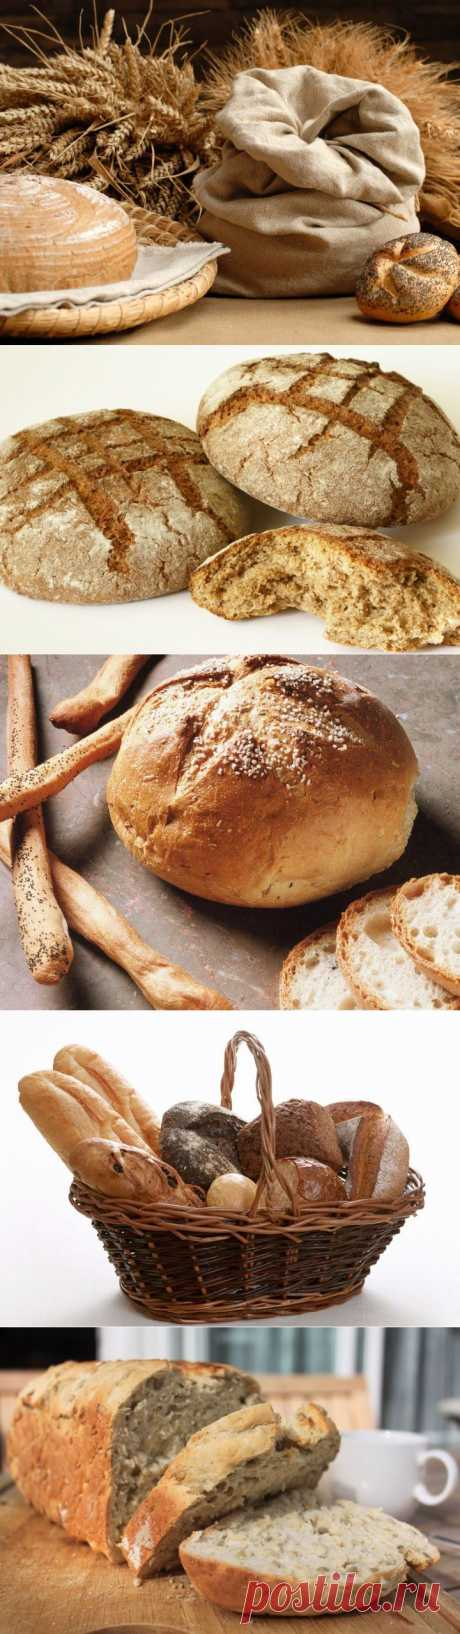 Какой хлеб самый полезный? | Среда обитания